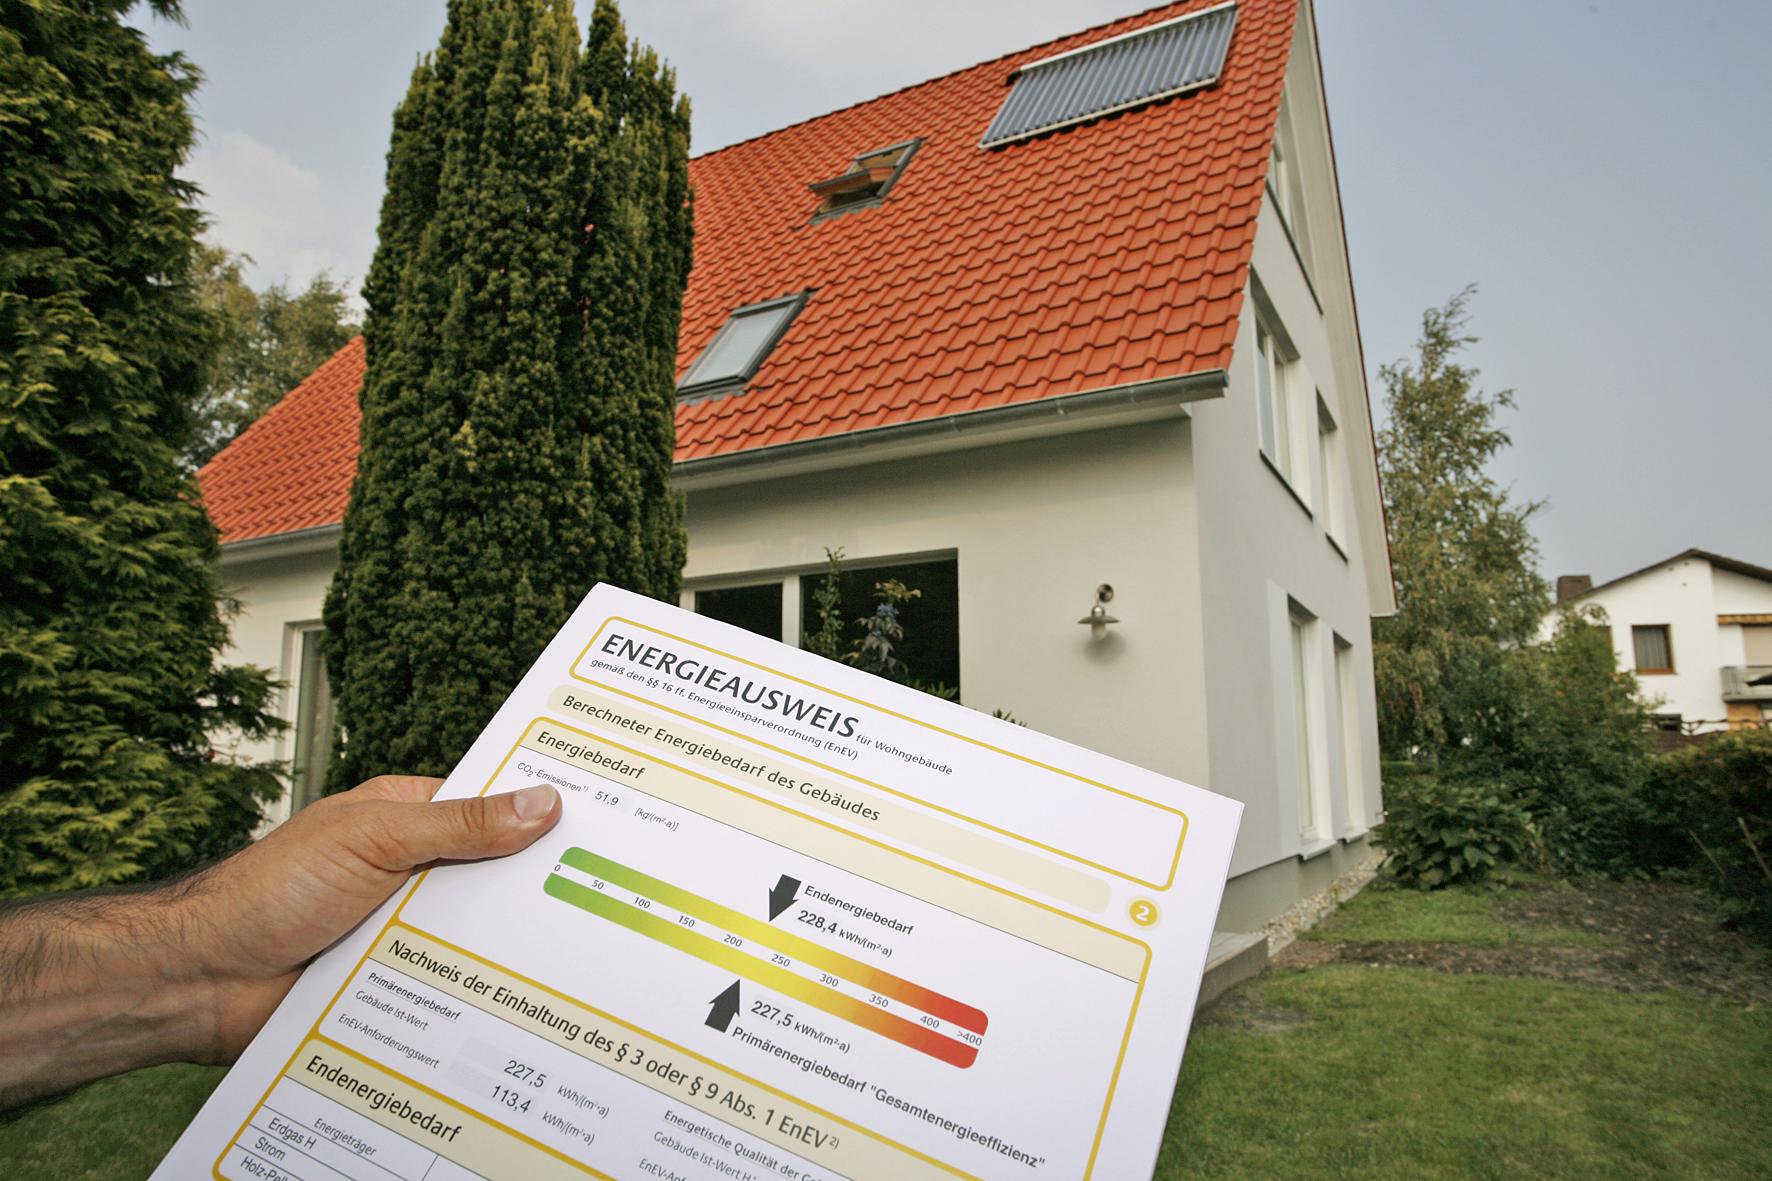 Größte Auswertung von Energieausweisen zeigt schlechte energetischen Stand der Gebäude